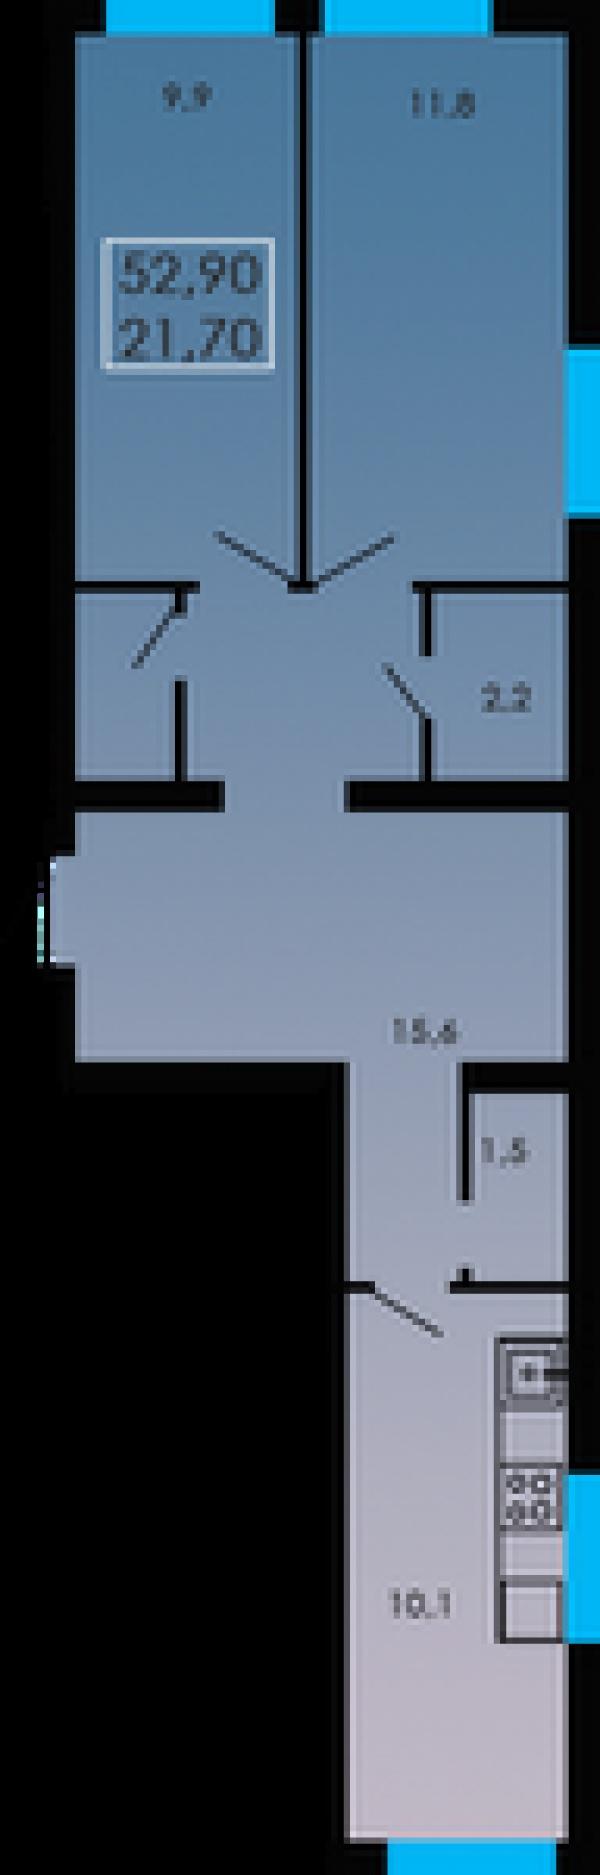 Планировки двухкомнатных квартир 52.9 м^2